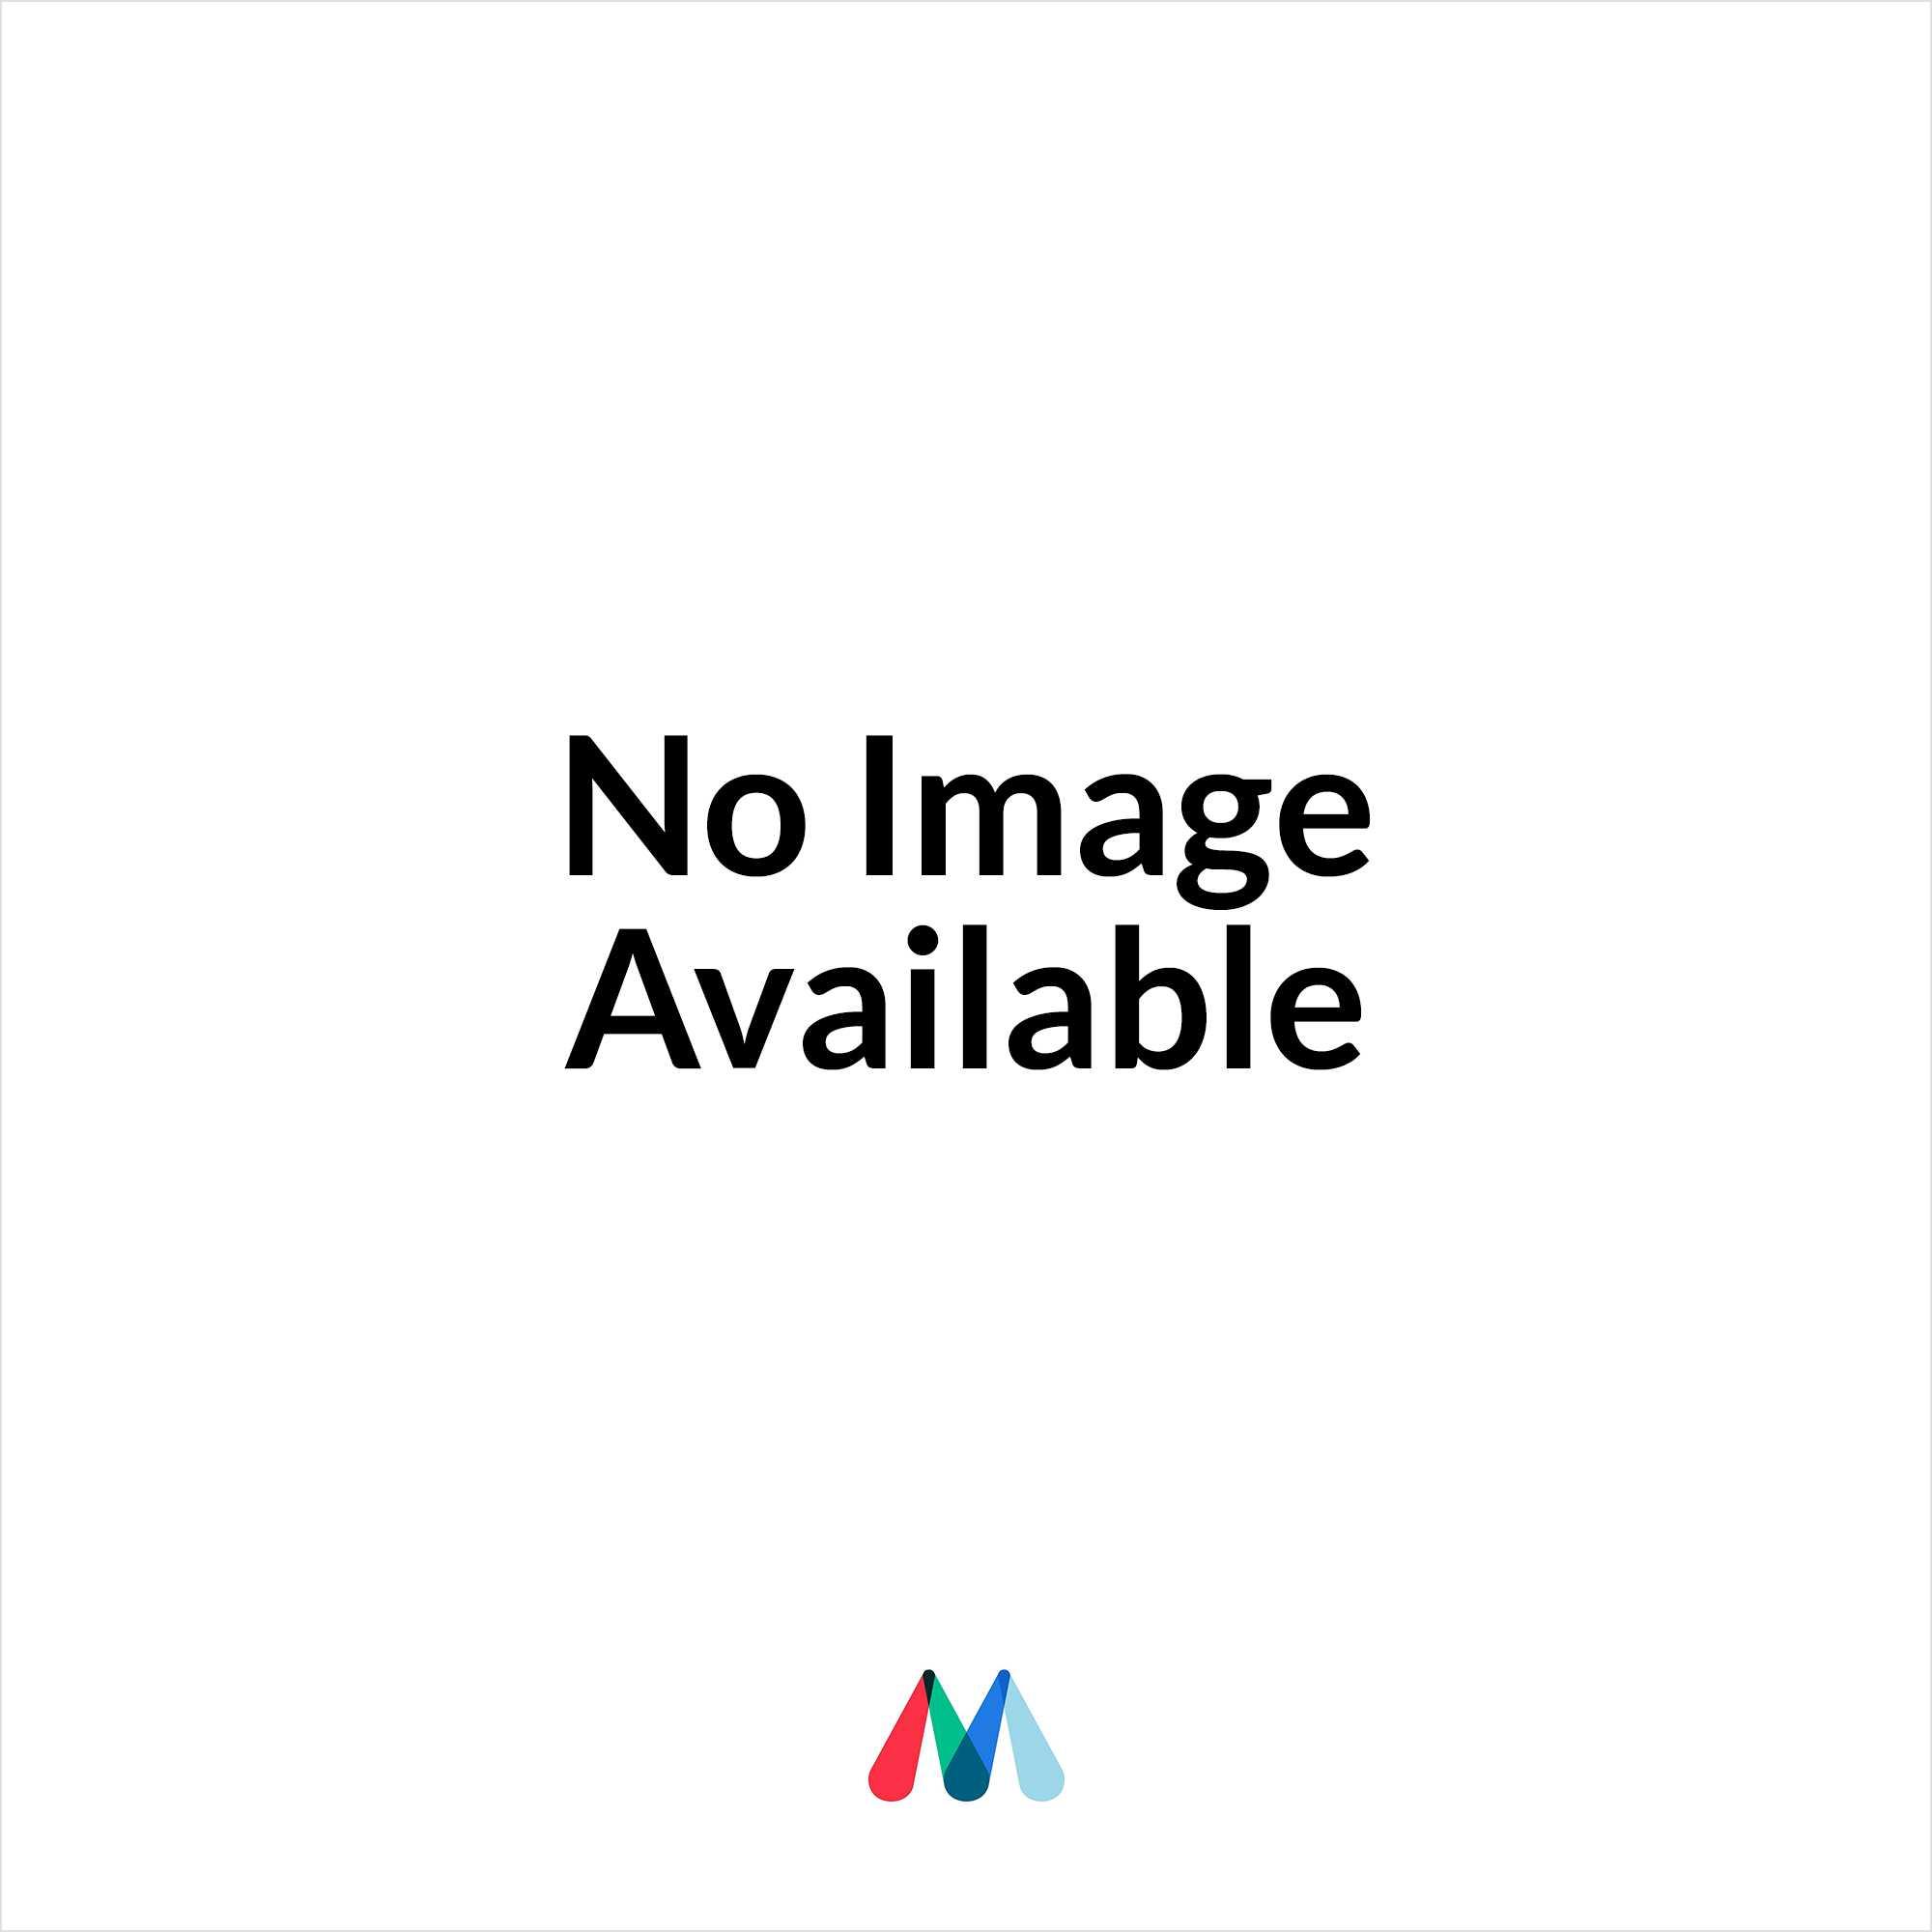 MS02 IP adjustable LED mini light - Stainless steel